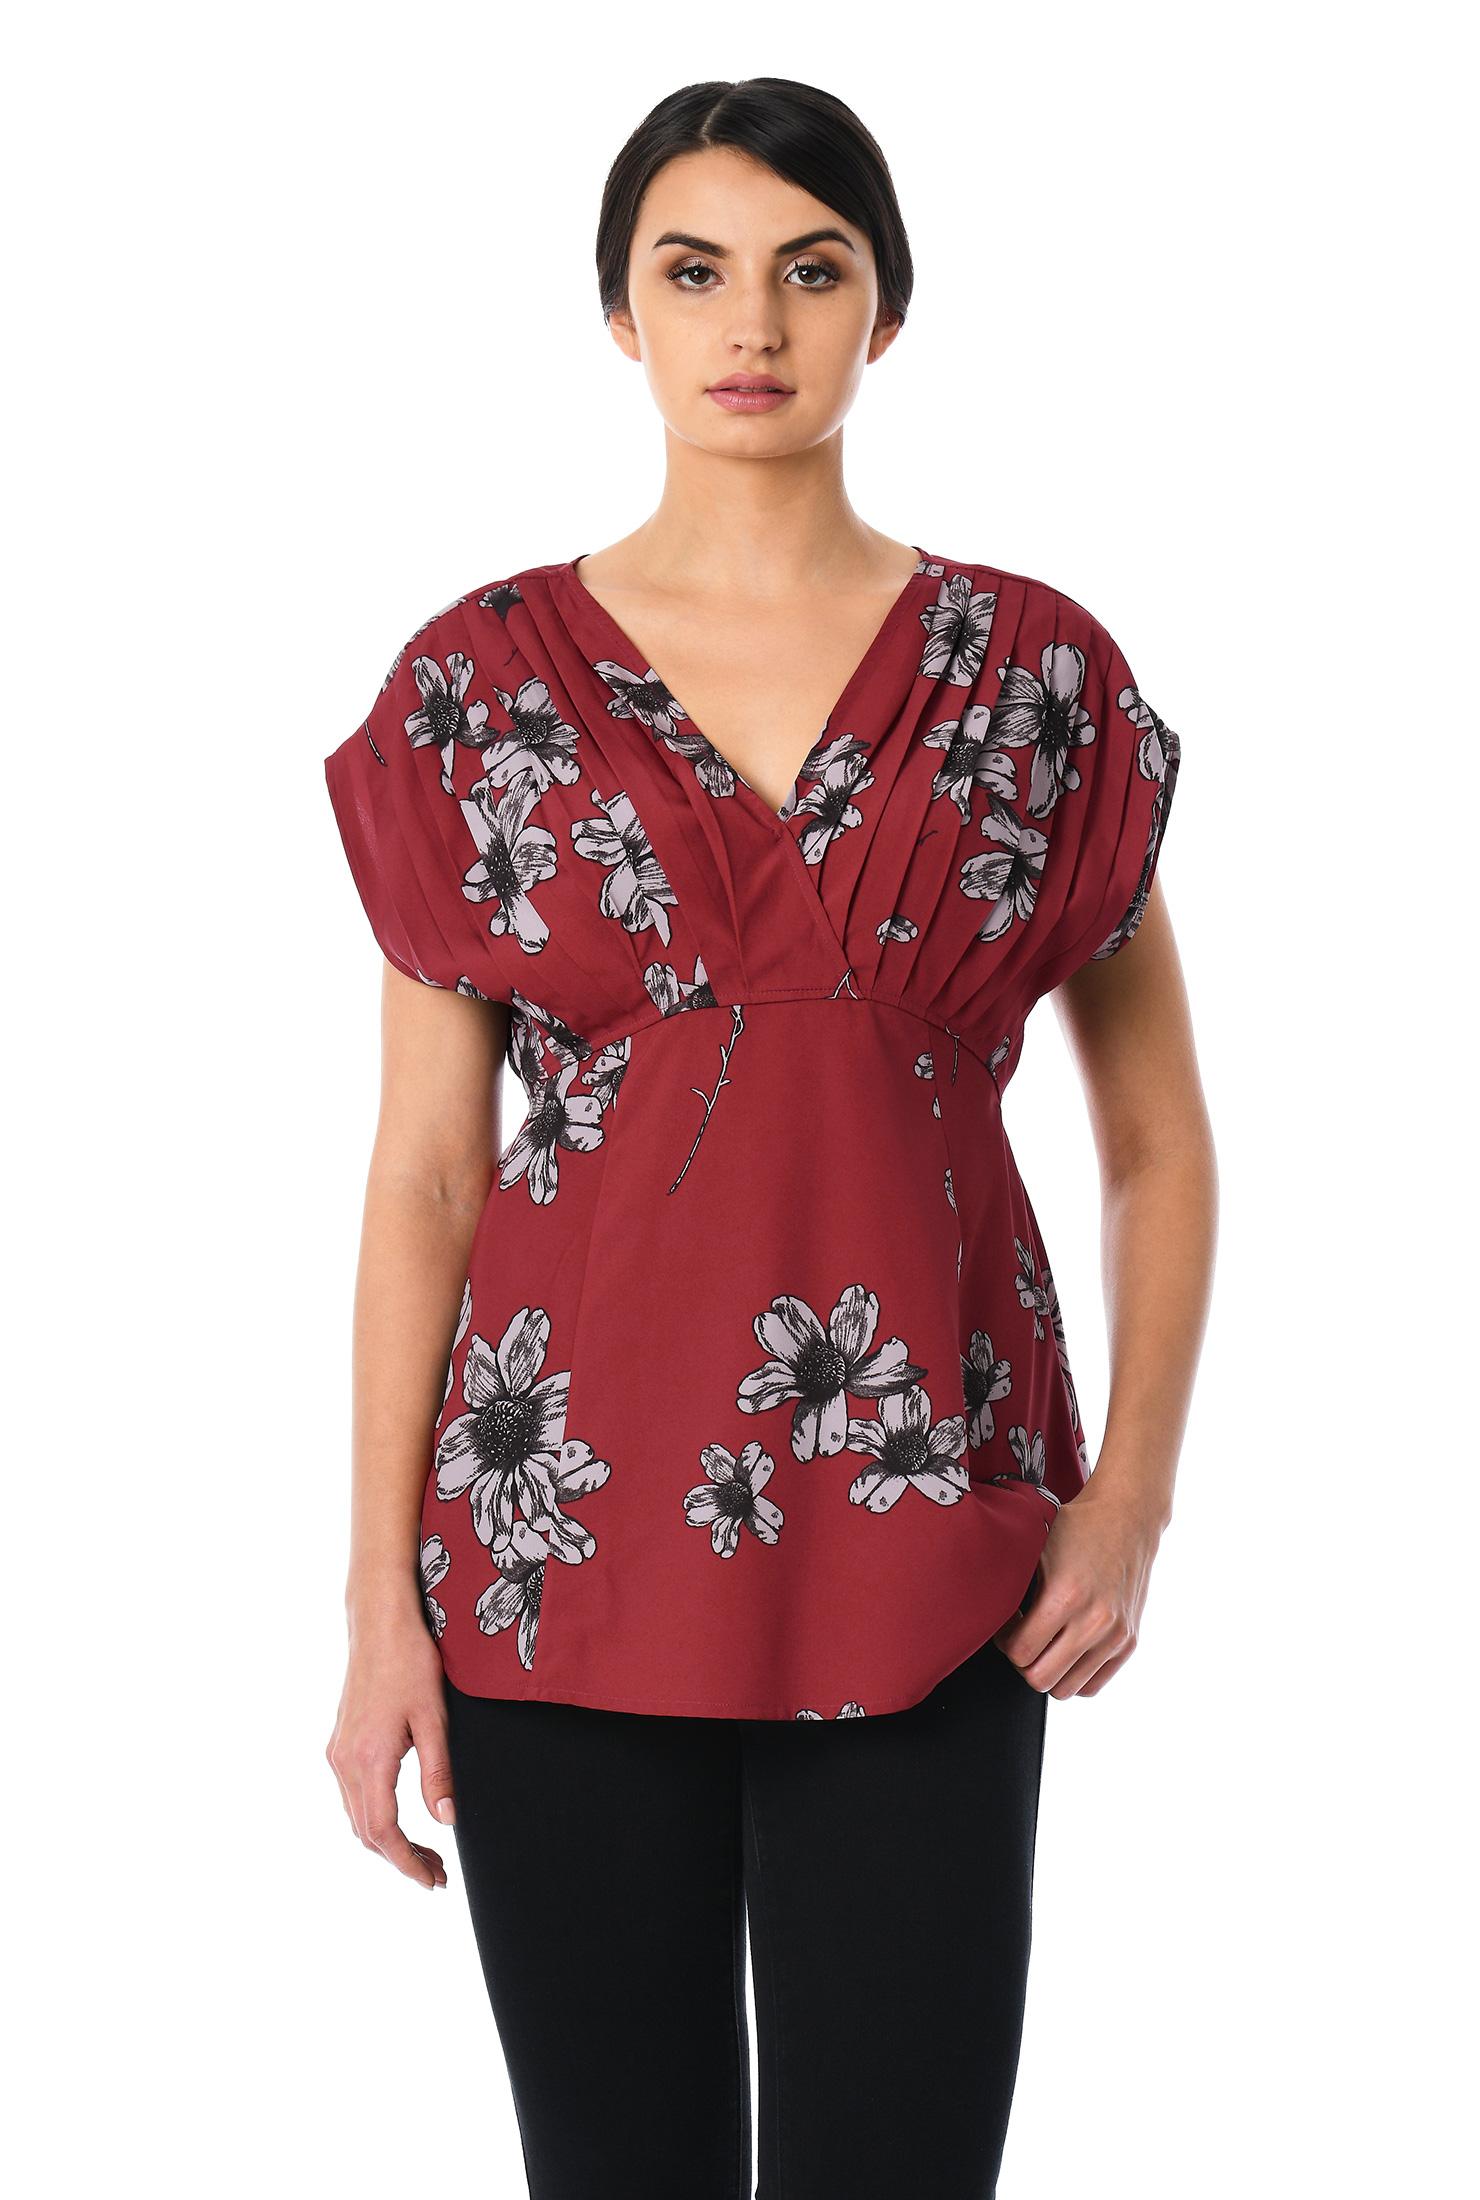 0481468bd2df Blouses, dolman sleeves tops, floral print blouses, Floral Print Tops,  lightweight